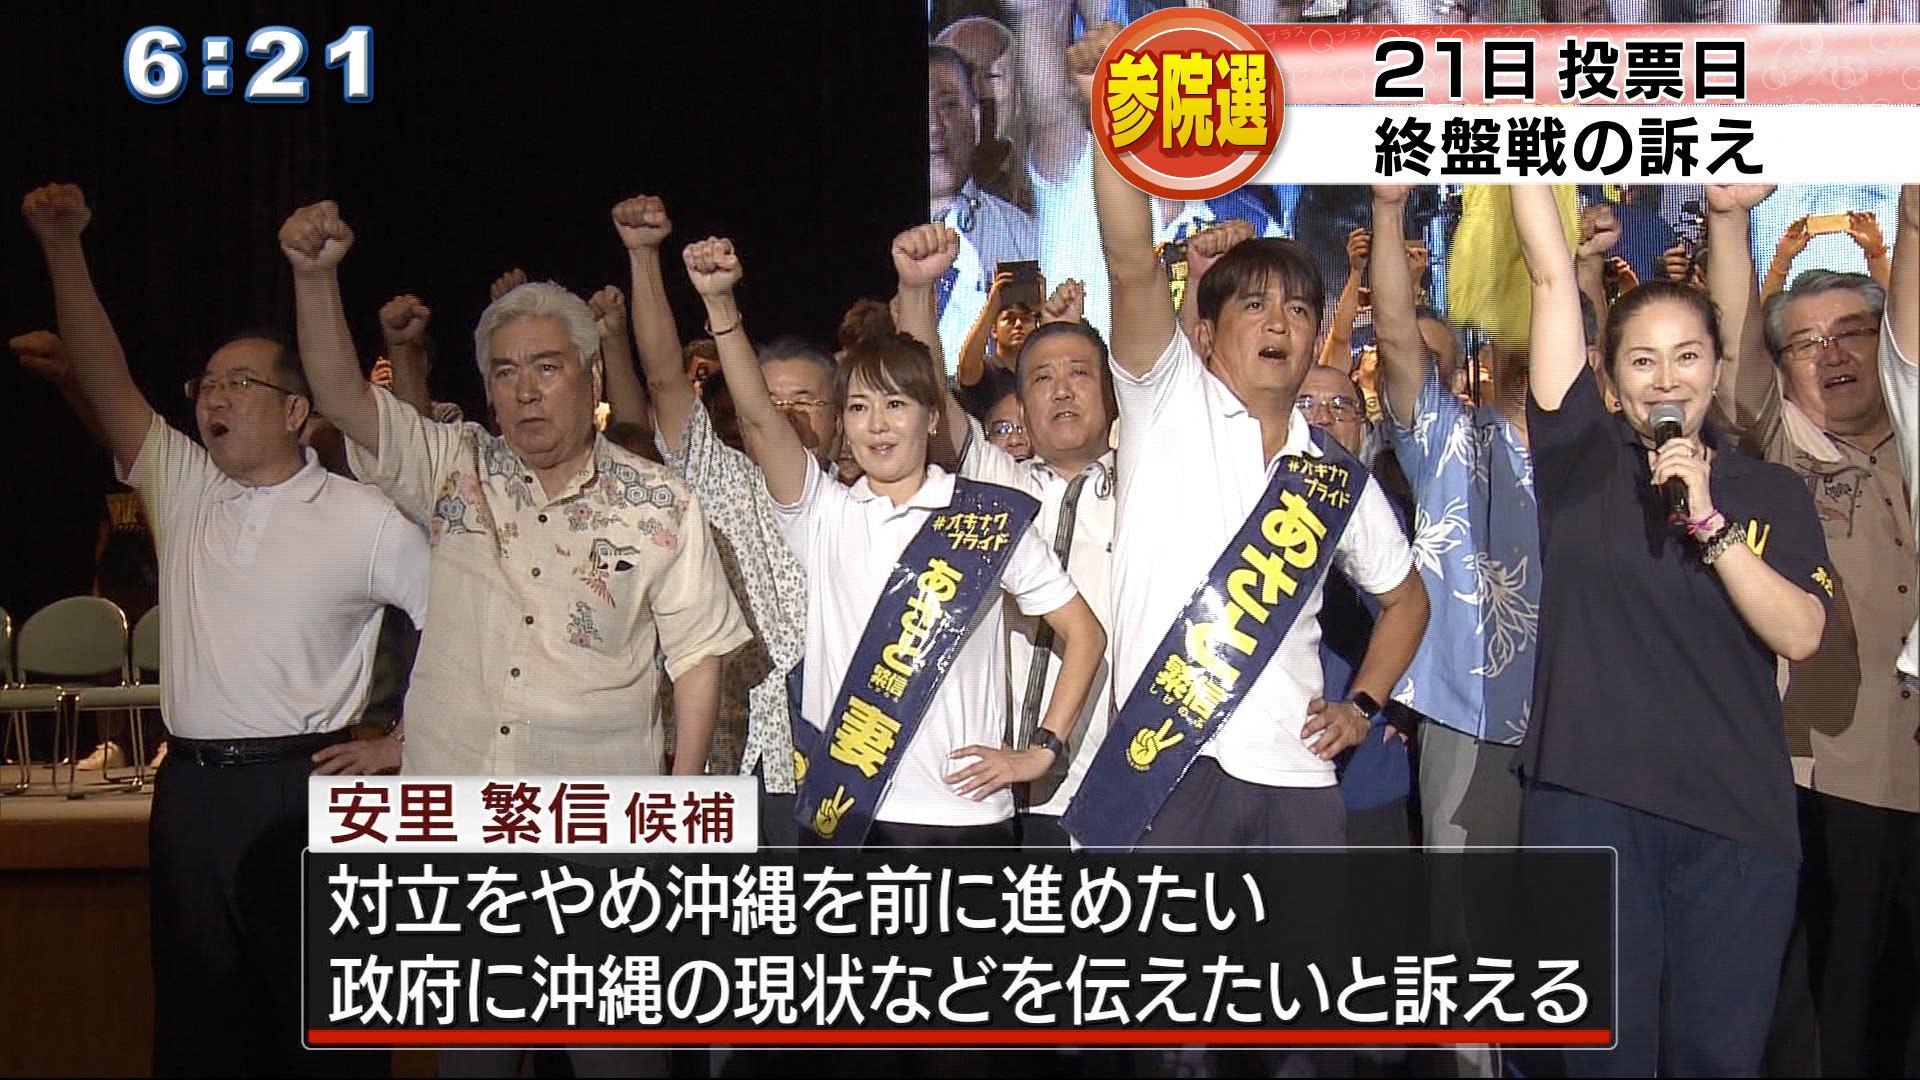 新しい沖縄振興計画の実現や離島振興の重要性を訴えてきた安里さん